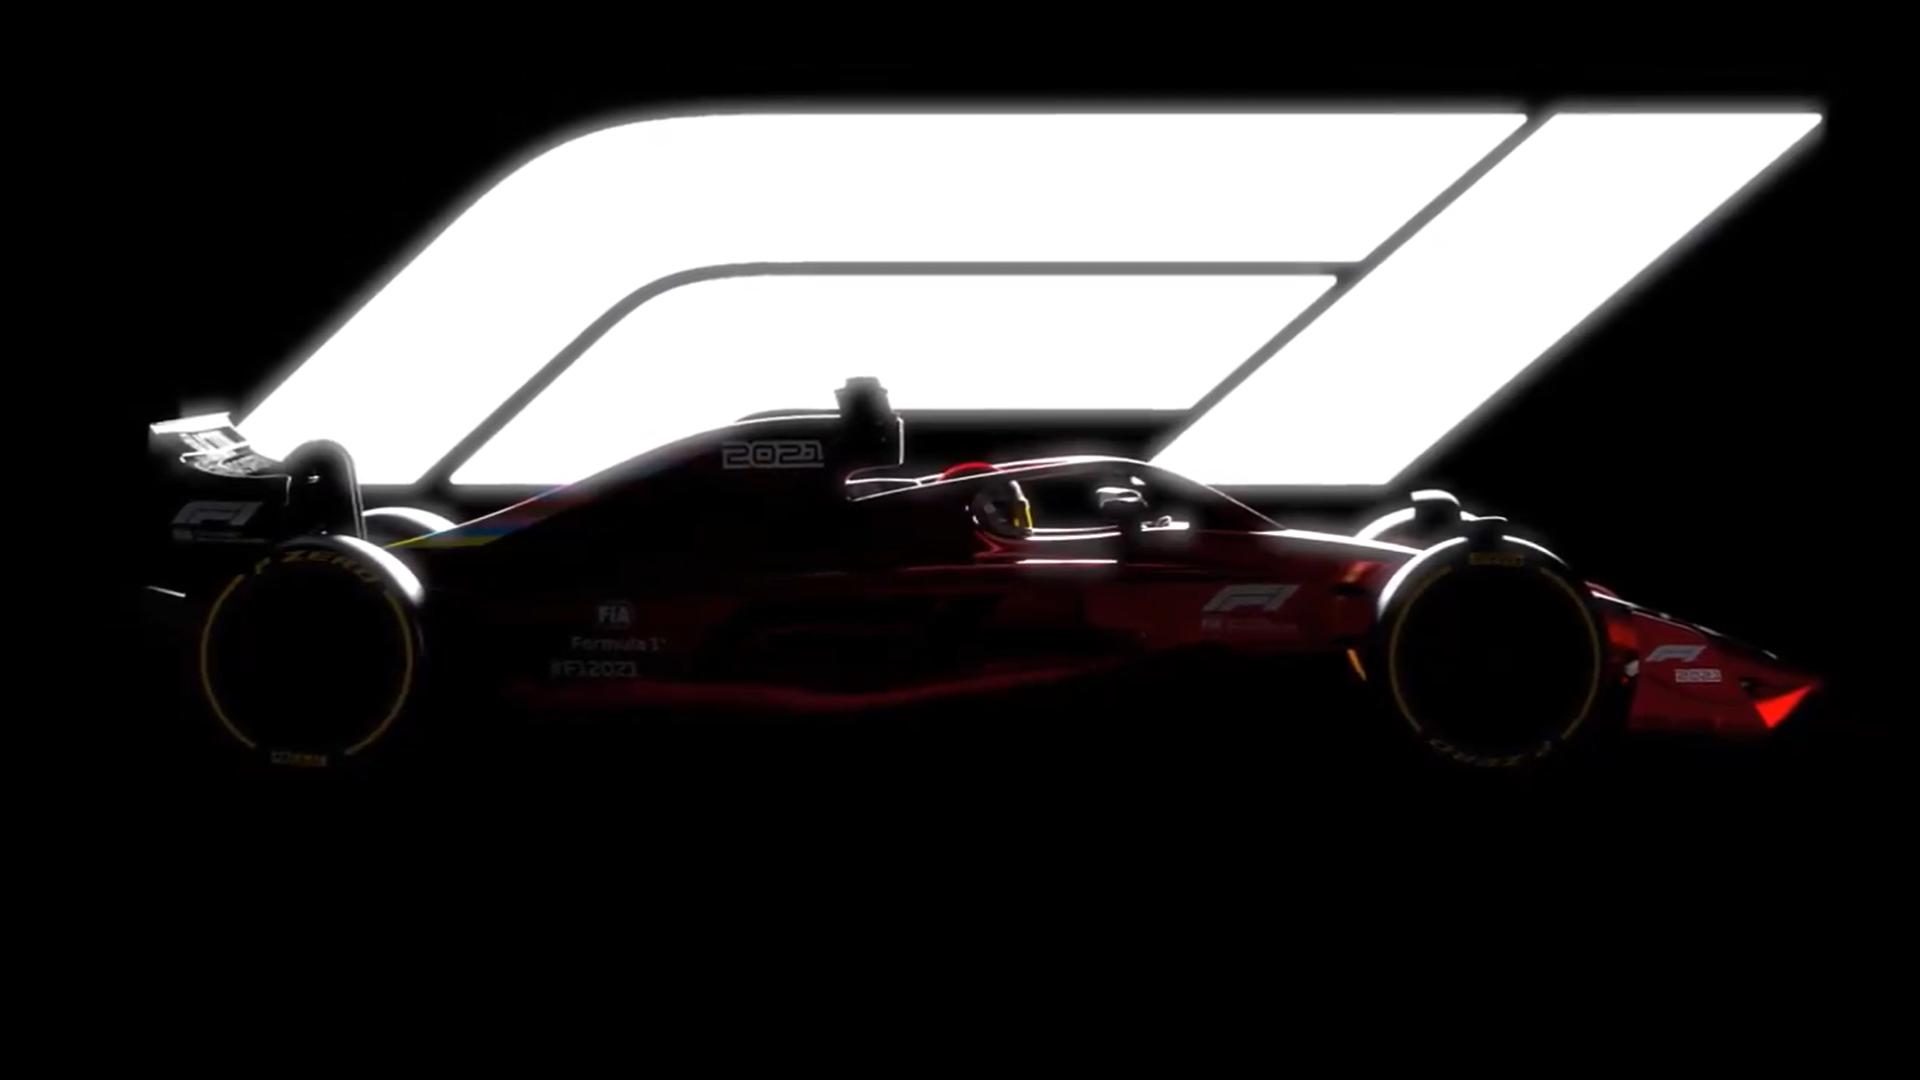 F1 2021 auto met wit licht in achtergrond